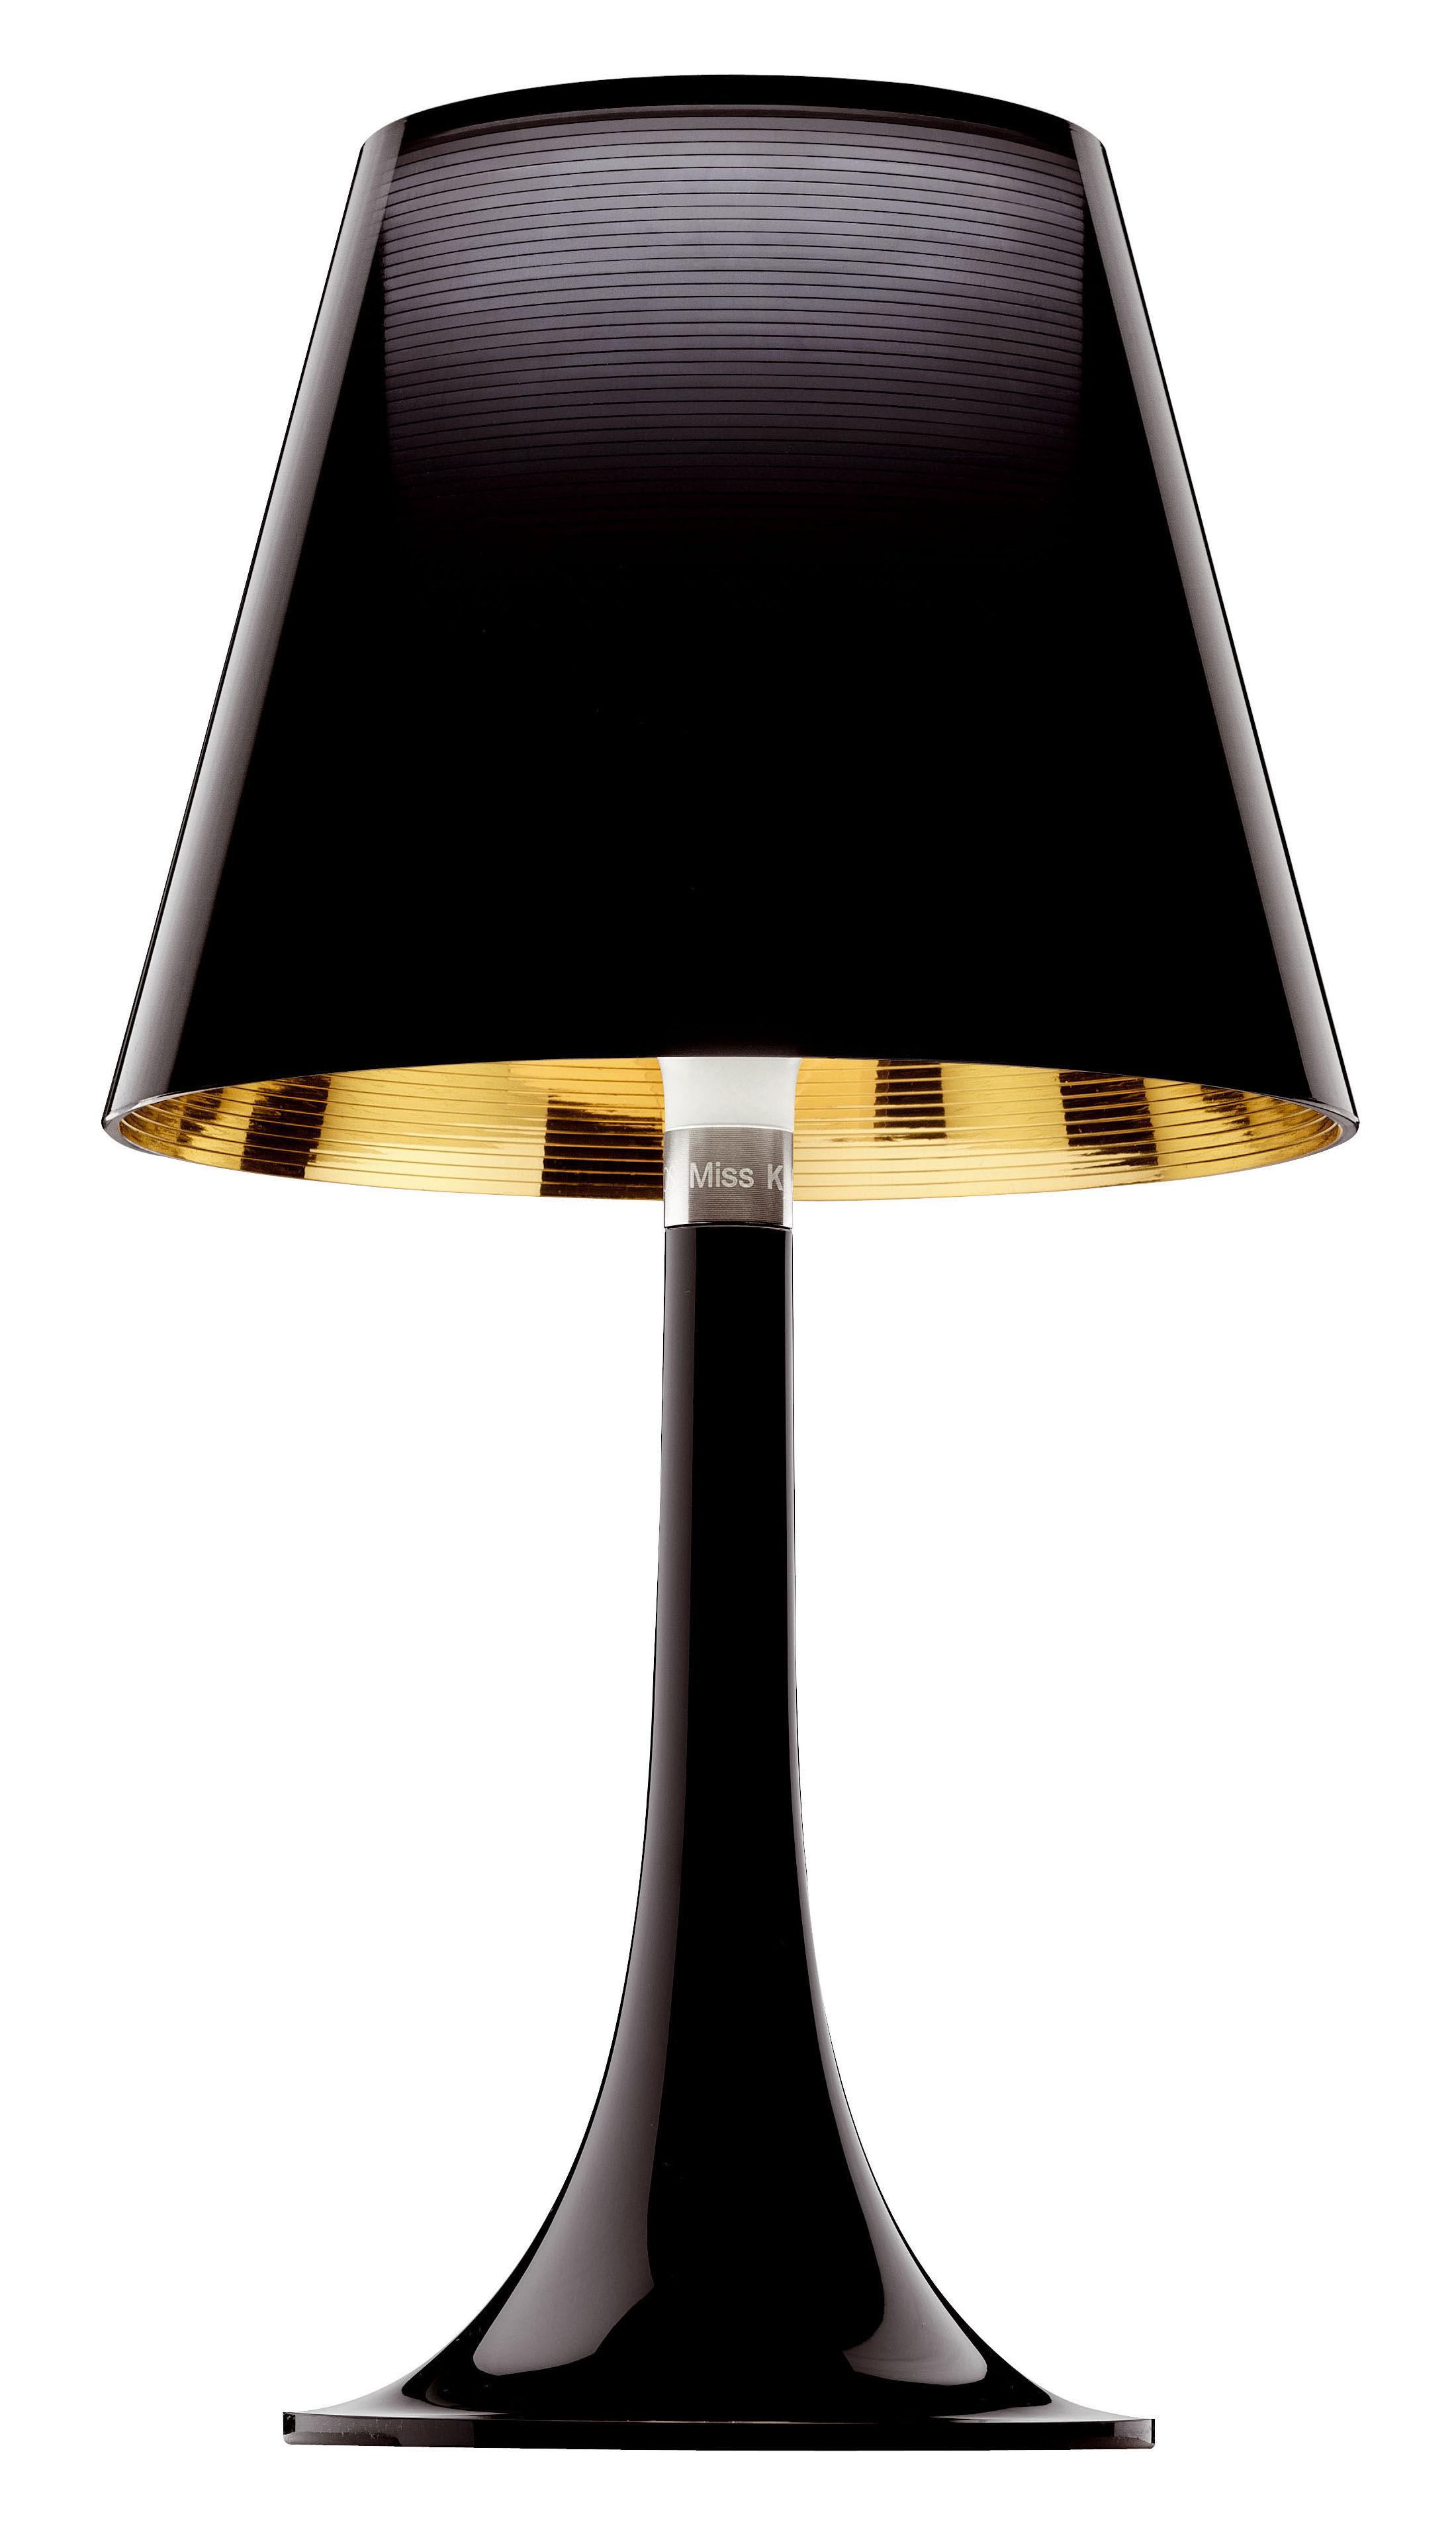 Illuminazione - Lampade da tavolo - Lampada da tavolo Miss K di Flos - Nero - policarbonato